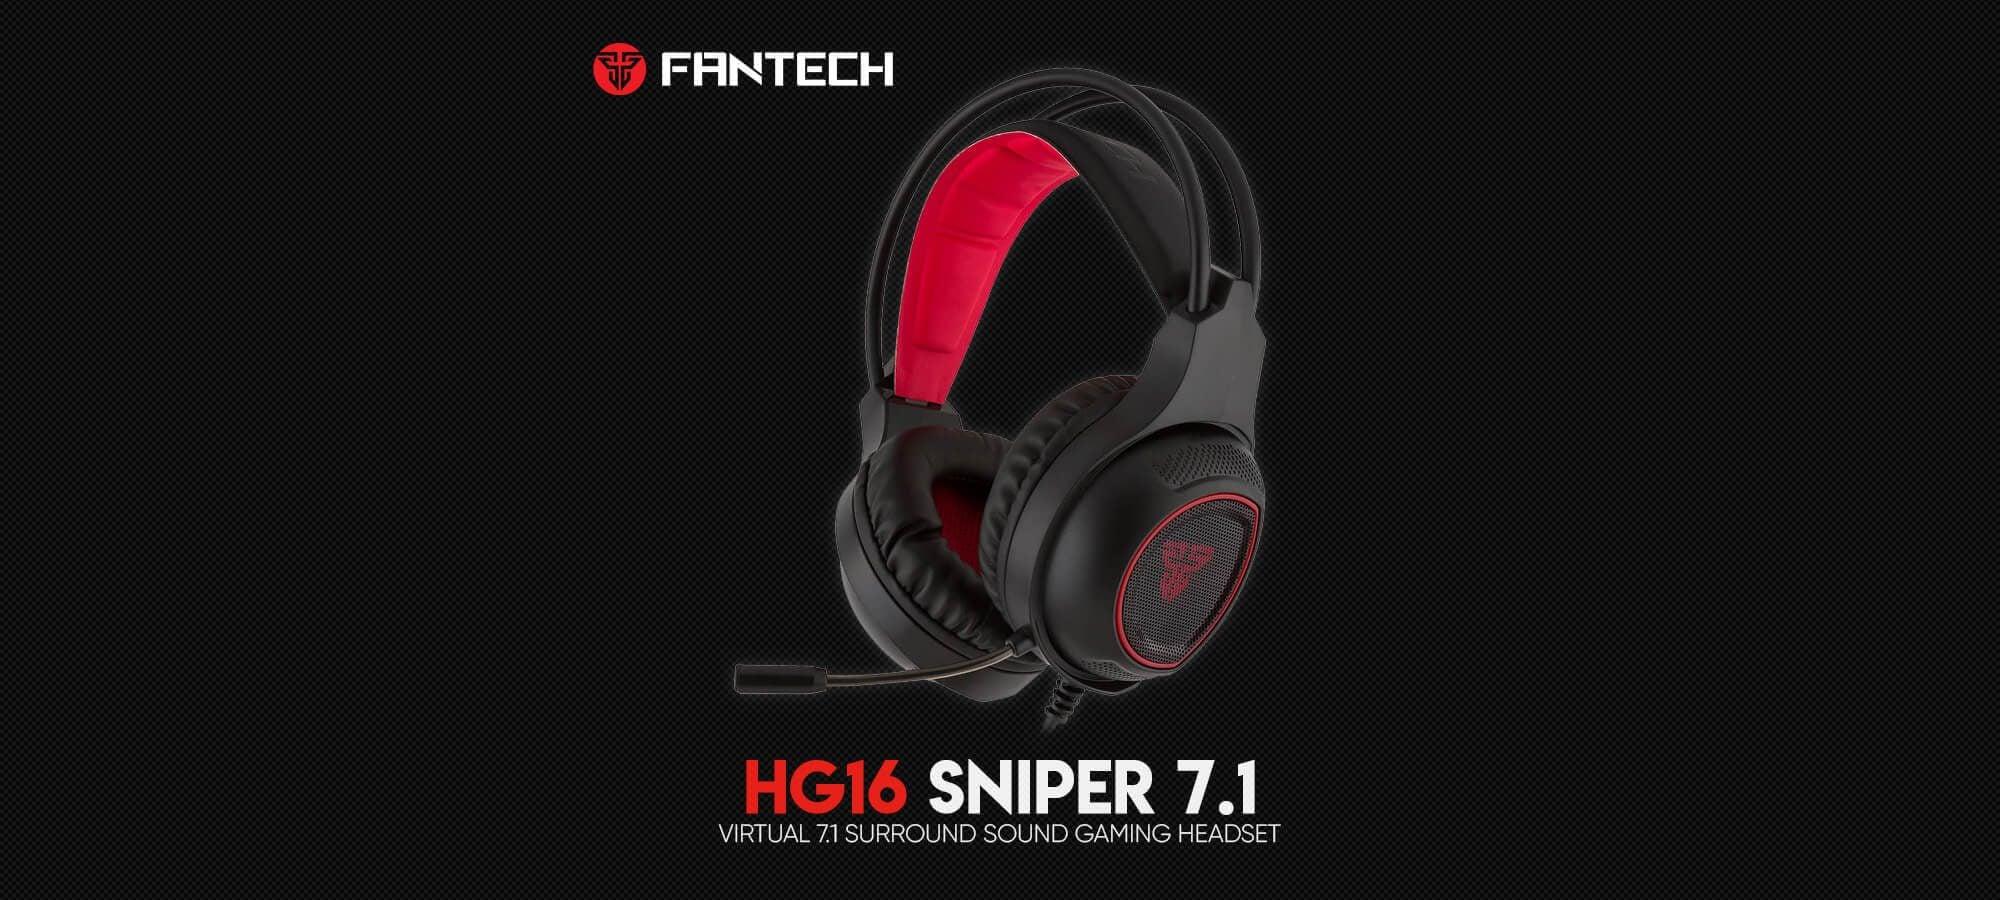 Игровая гарнитура Fantech Sniper 7.1 HG16